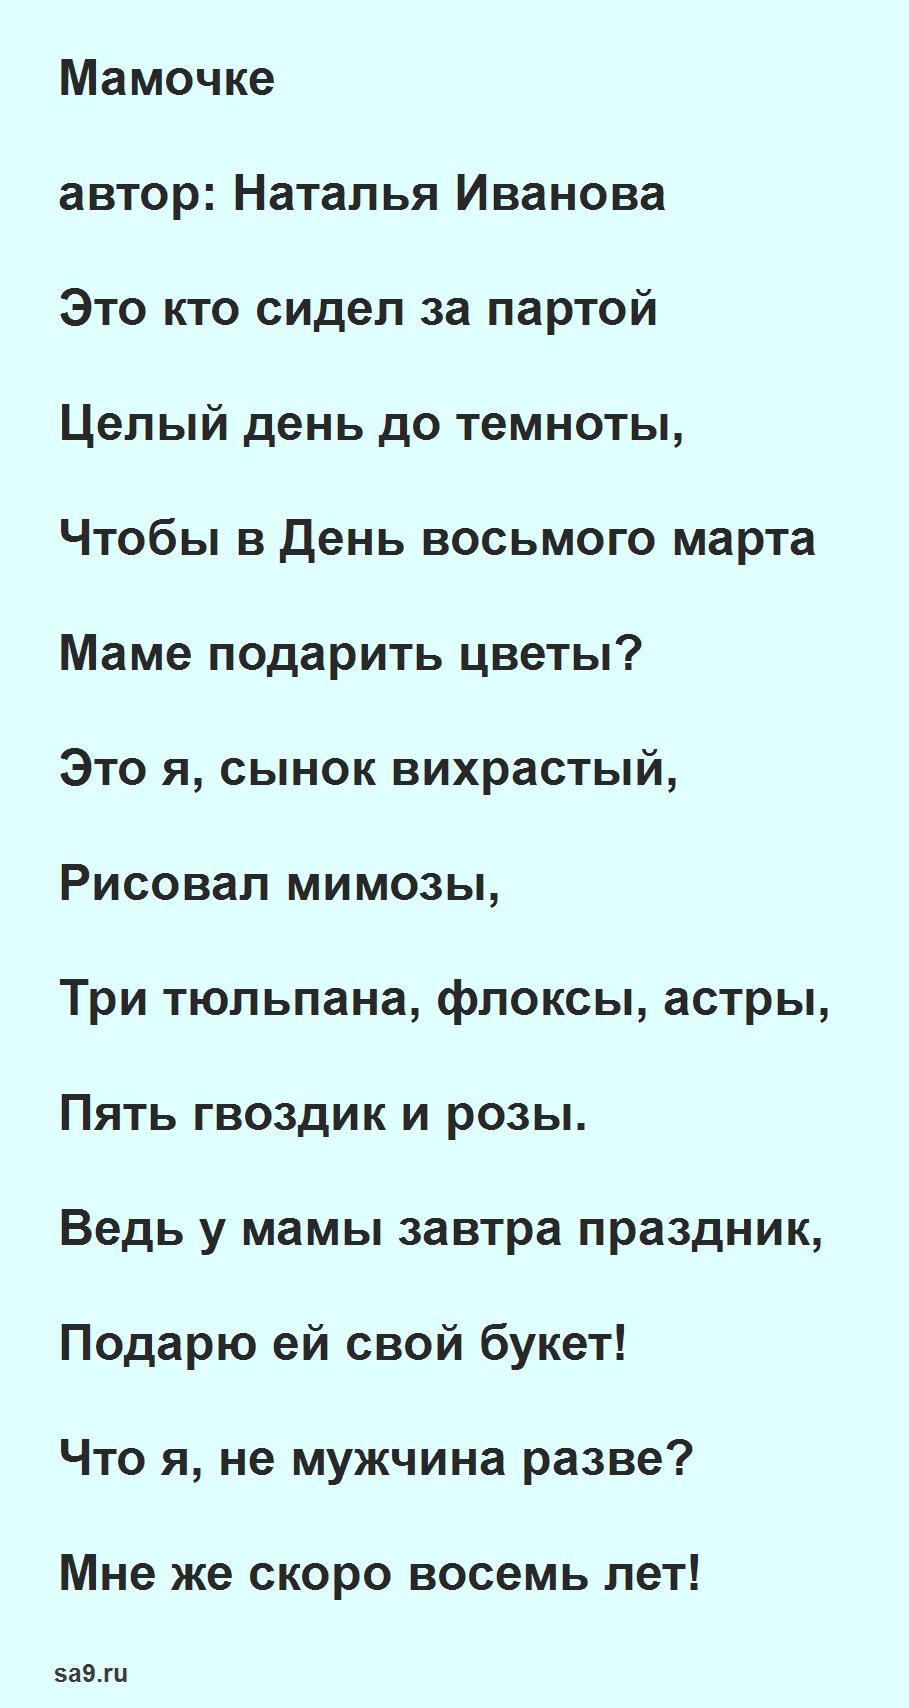 8 Марта - Международный женский день, стихи для школьников